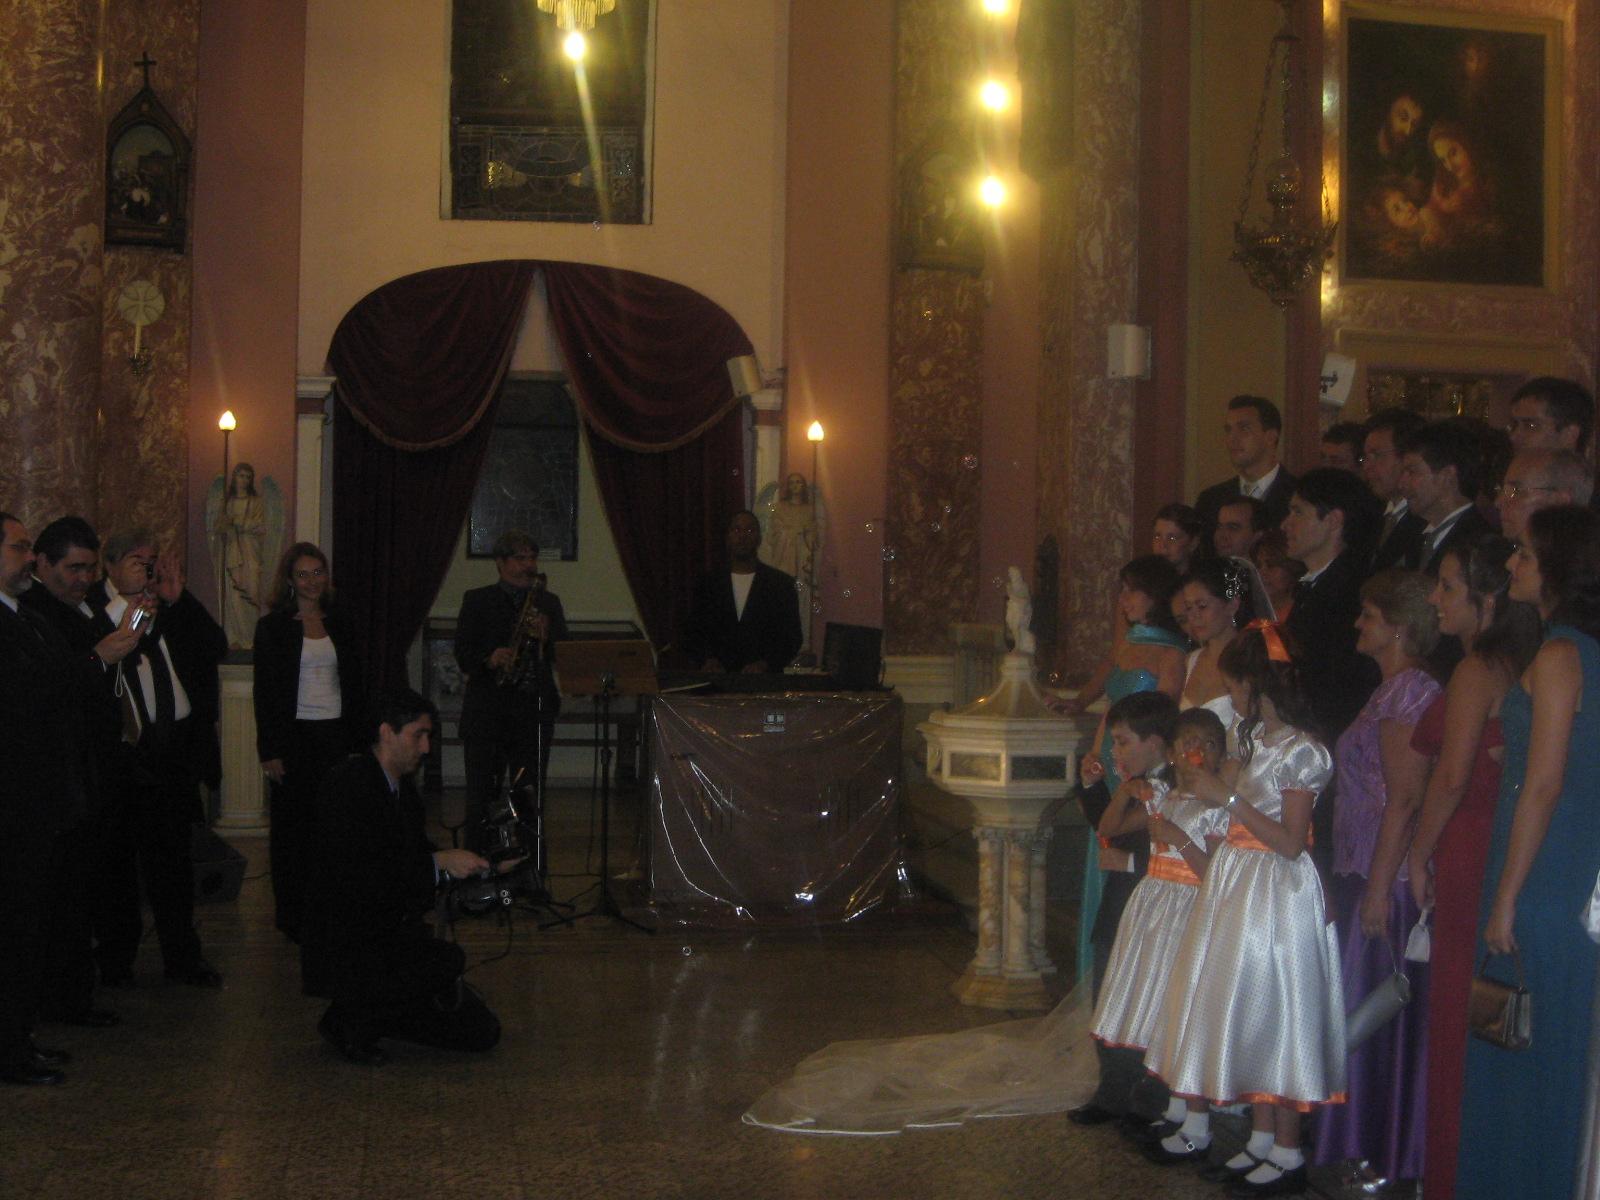 Banda de casamento MdeB produção musical para eventos